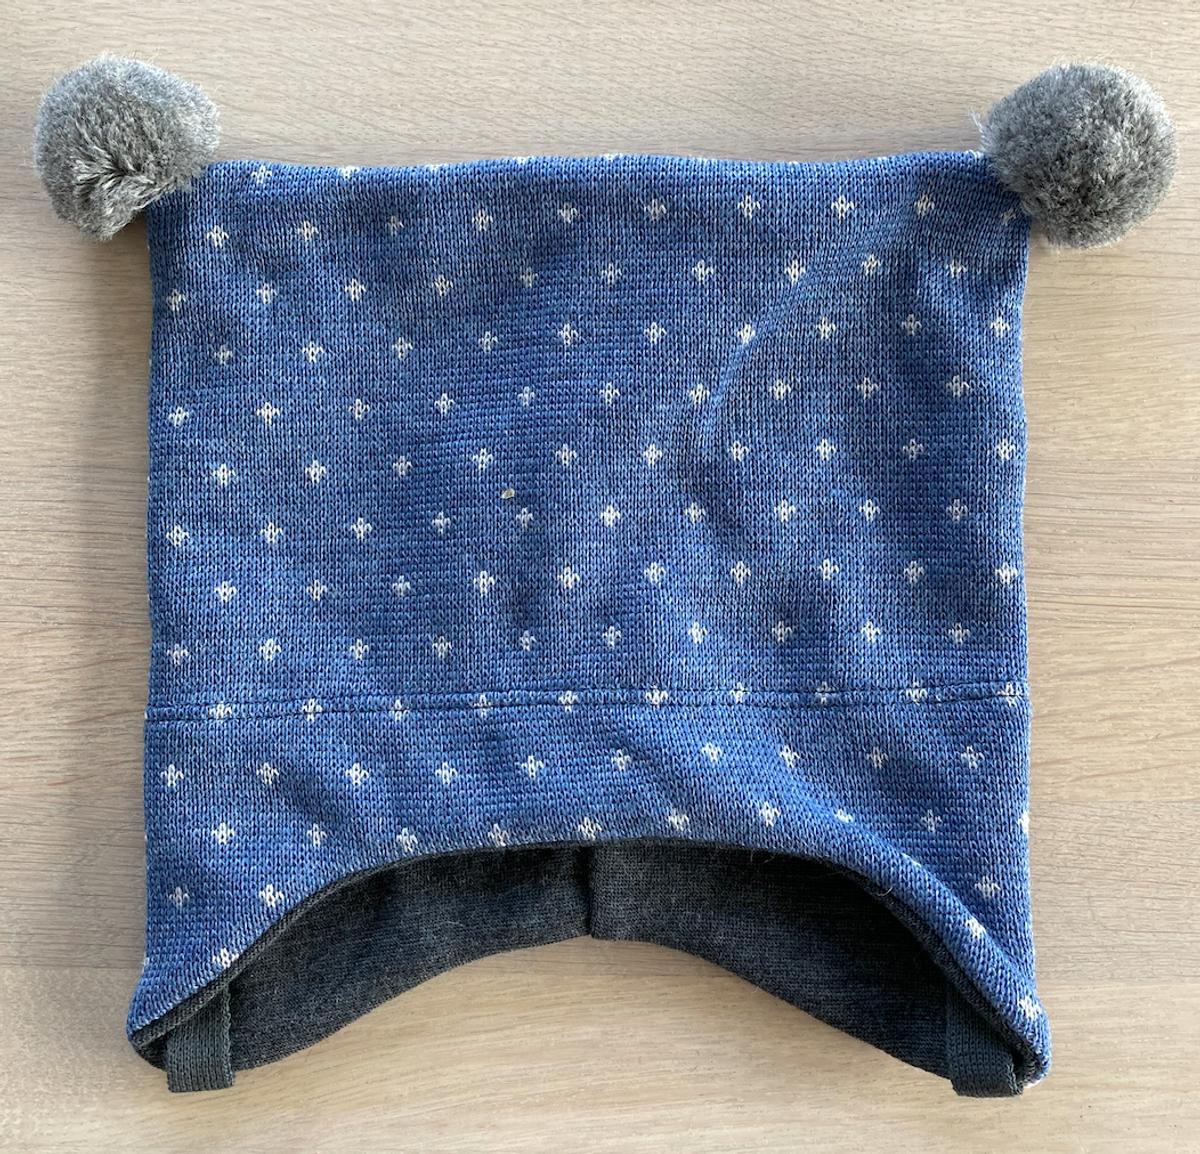 lue merinoull knytting grå lus på blå